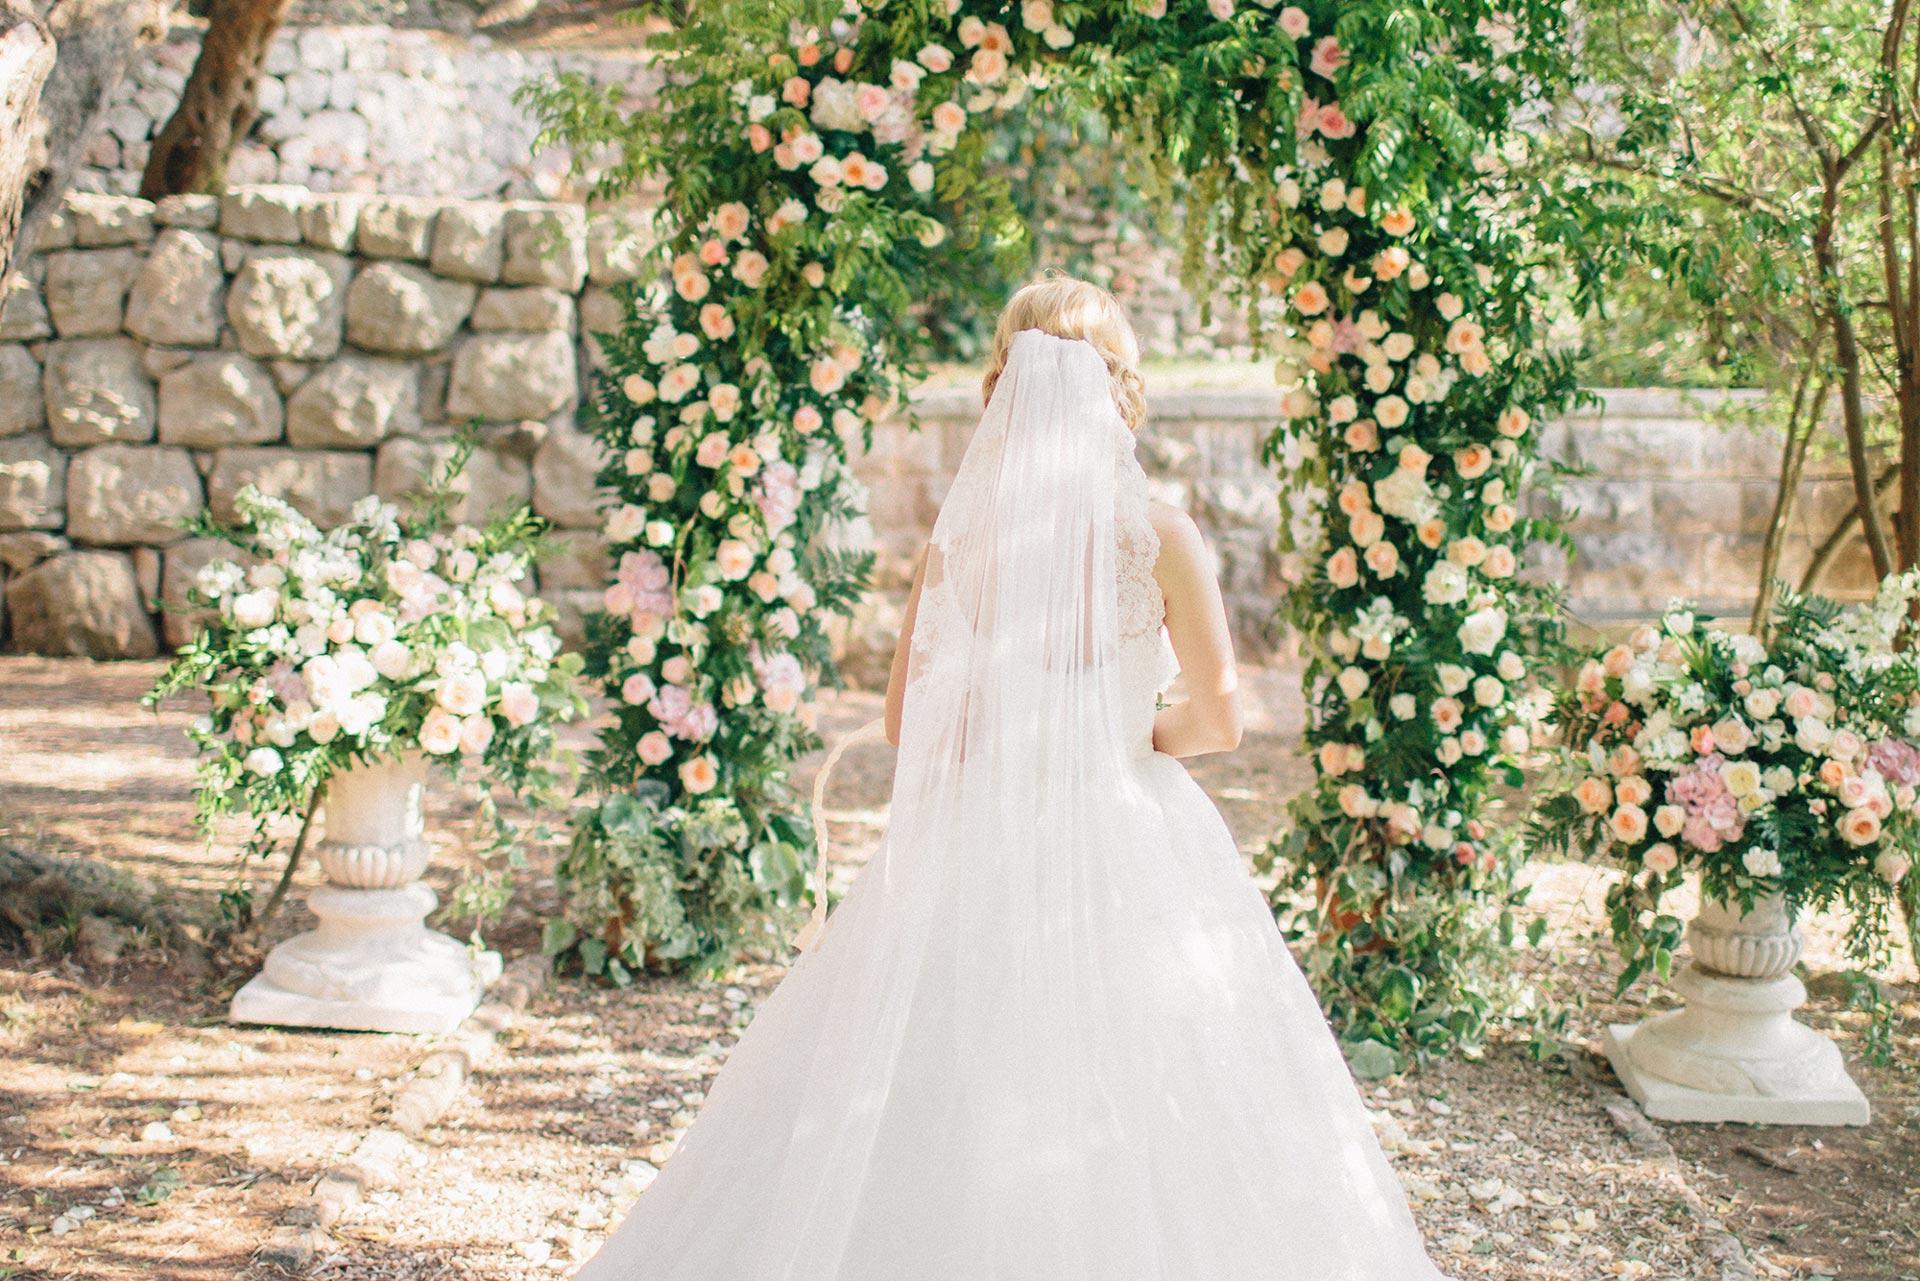 Роскошная вилла в Черногории. Свадьба Руслана и Оксаны фото 11